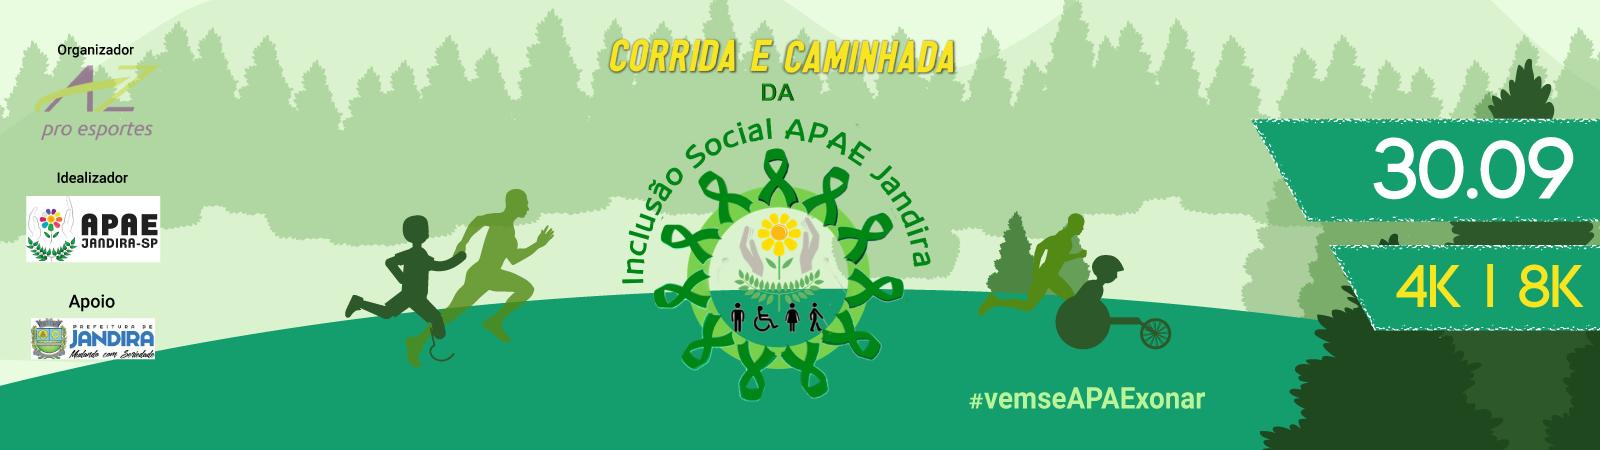 CORRIDA E CAMINHADA DA INCLUSÃO SOCIAL APAE JANDIRA - Imagem de topo